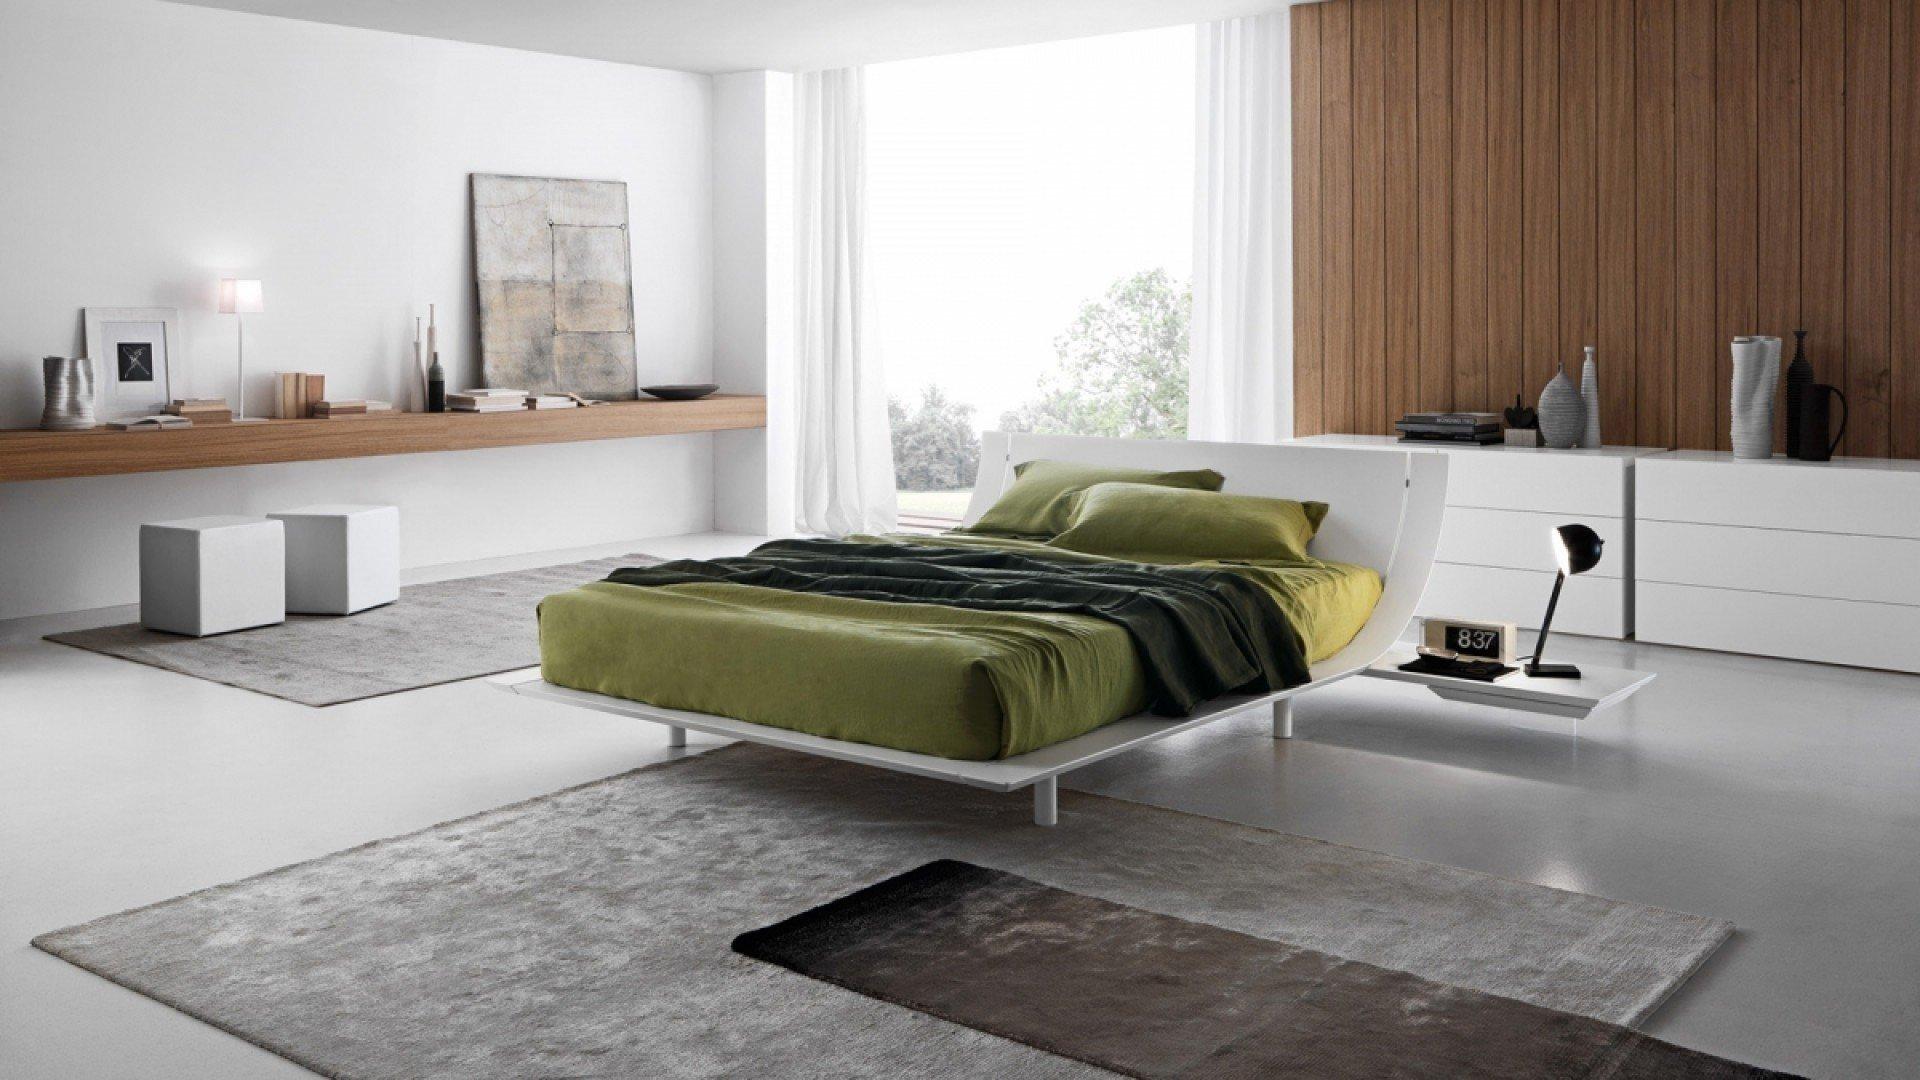 camera da letto PRESOTTO - Mobili Battipaglia, Eboli, Salerno da Montella